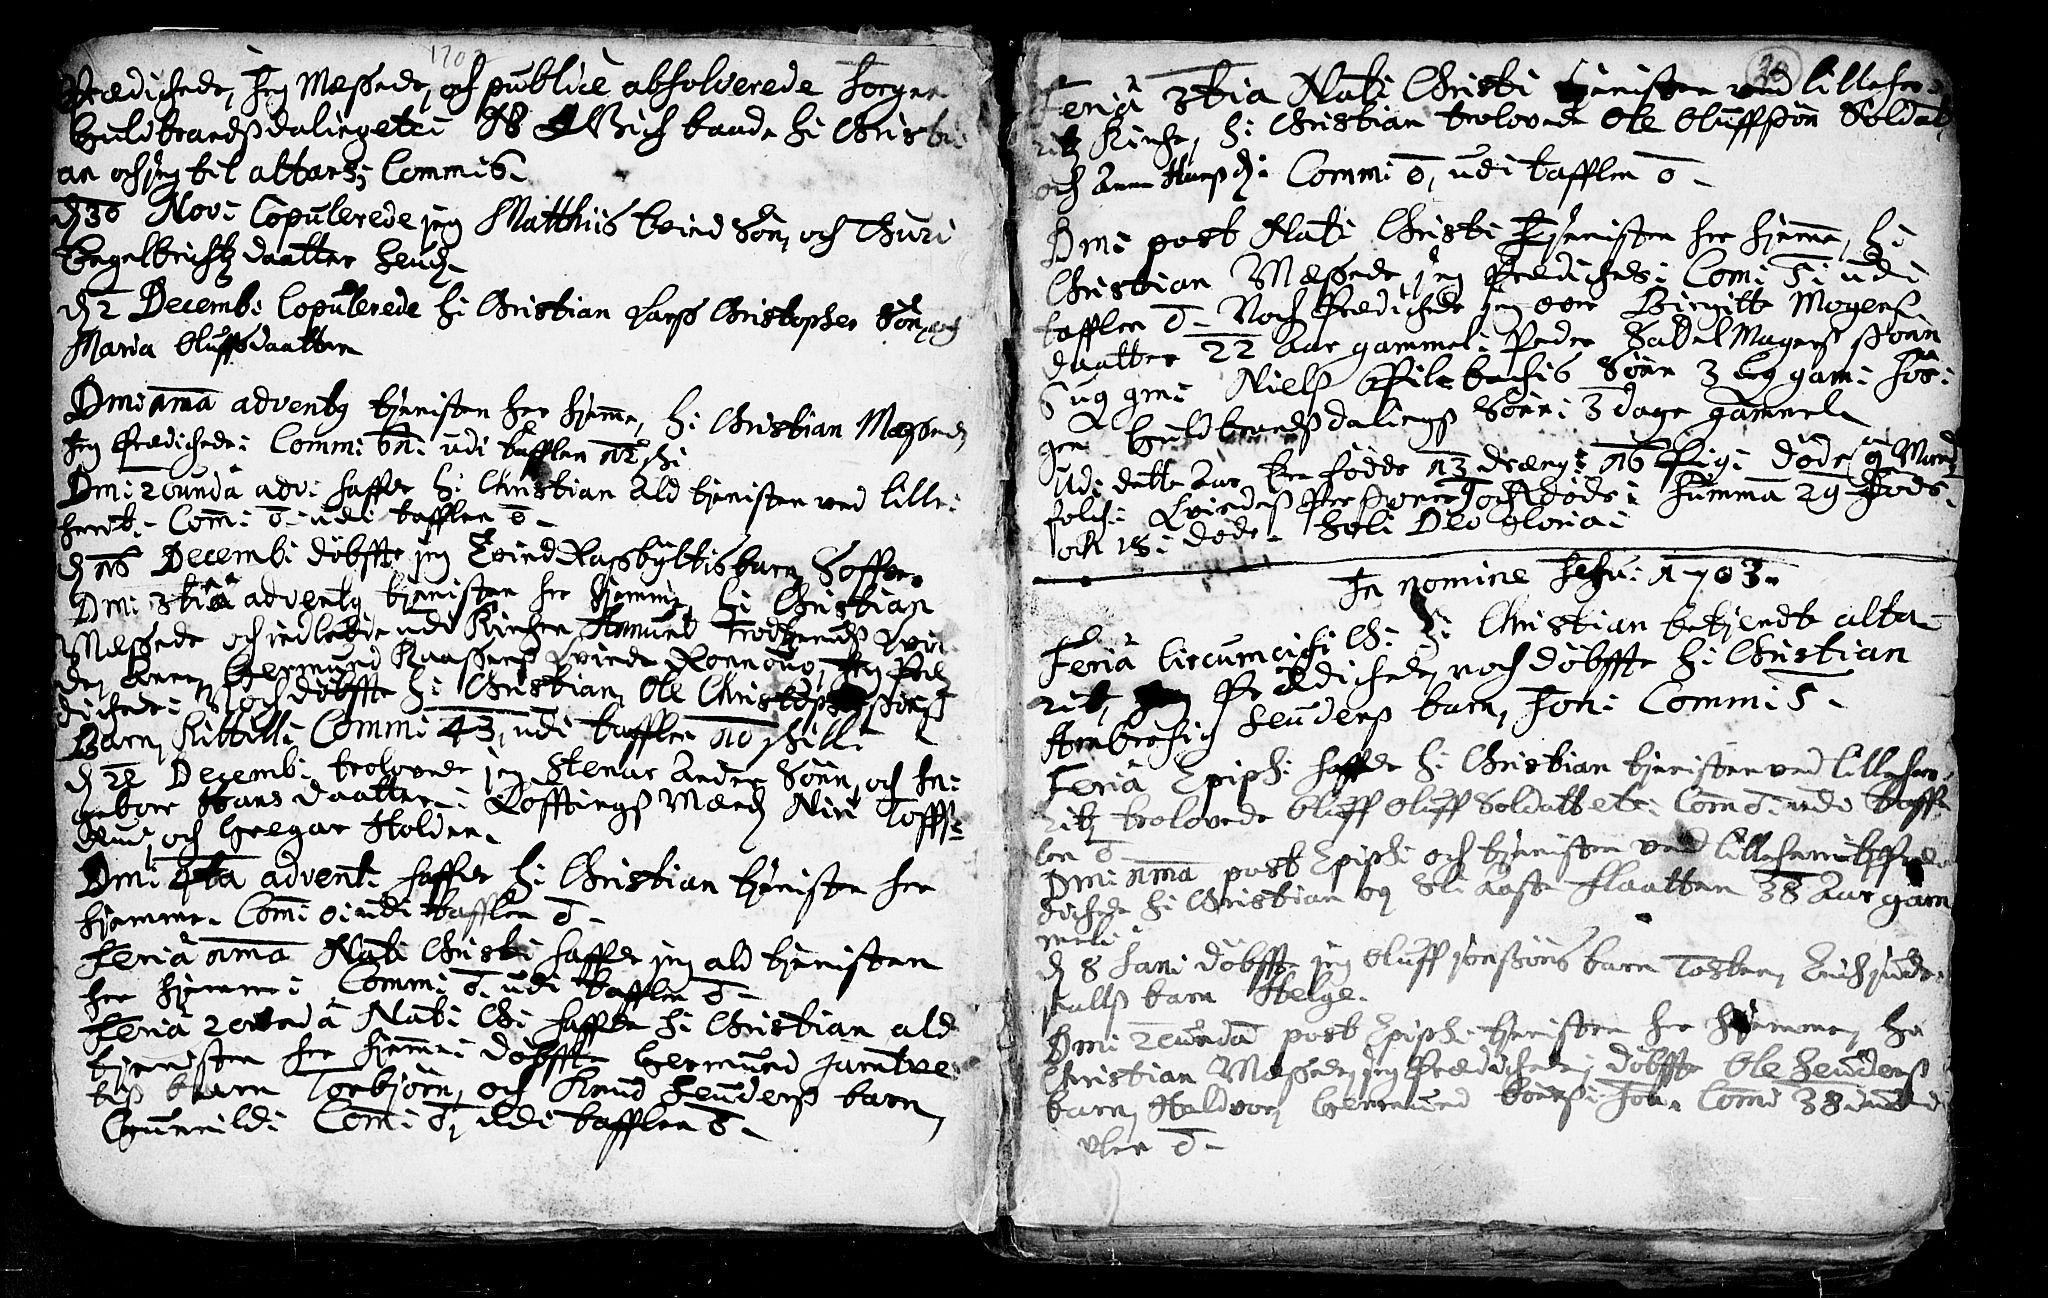 SAKO, Heddal kirkebøker, F/Fa/L0002: Ministerialbok nr. I 2, 1699-1722, s. 20